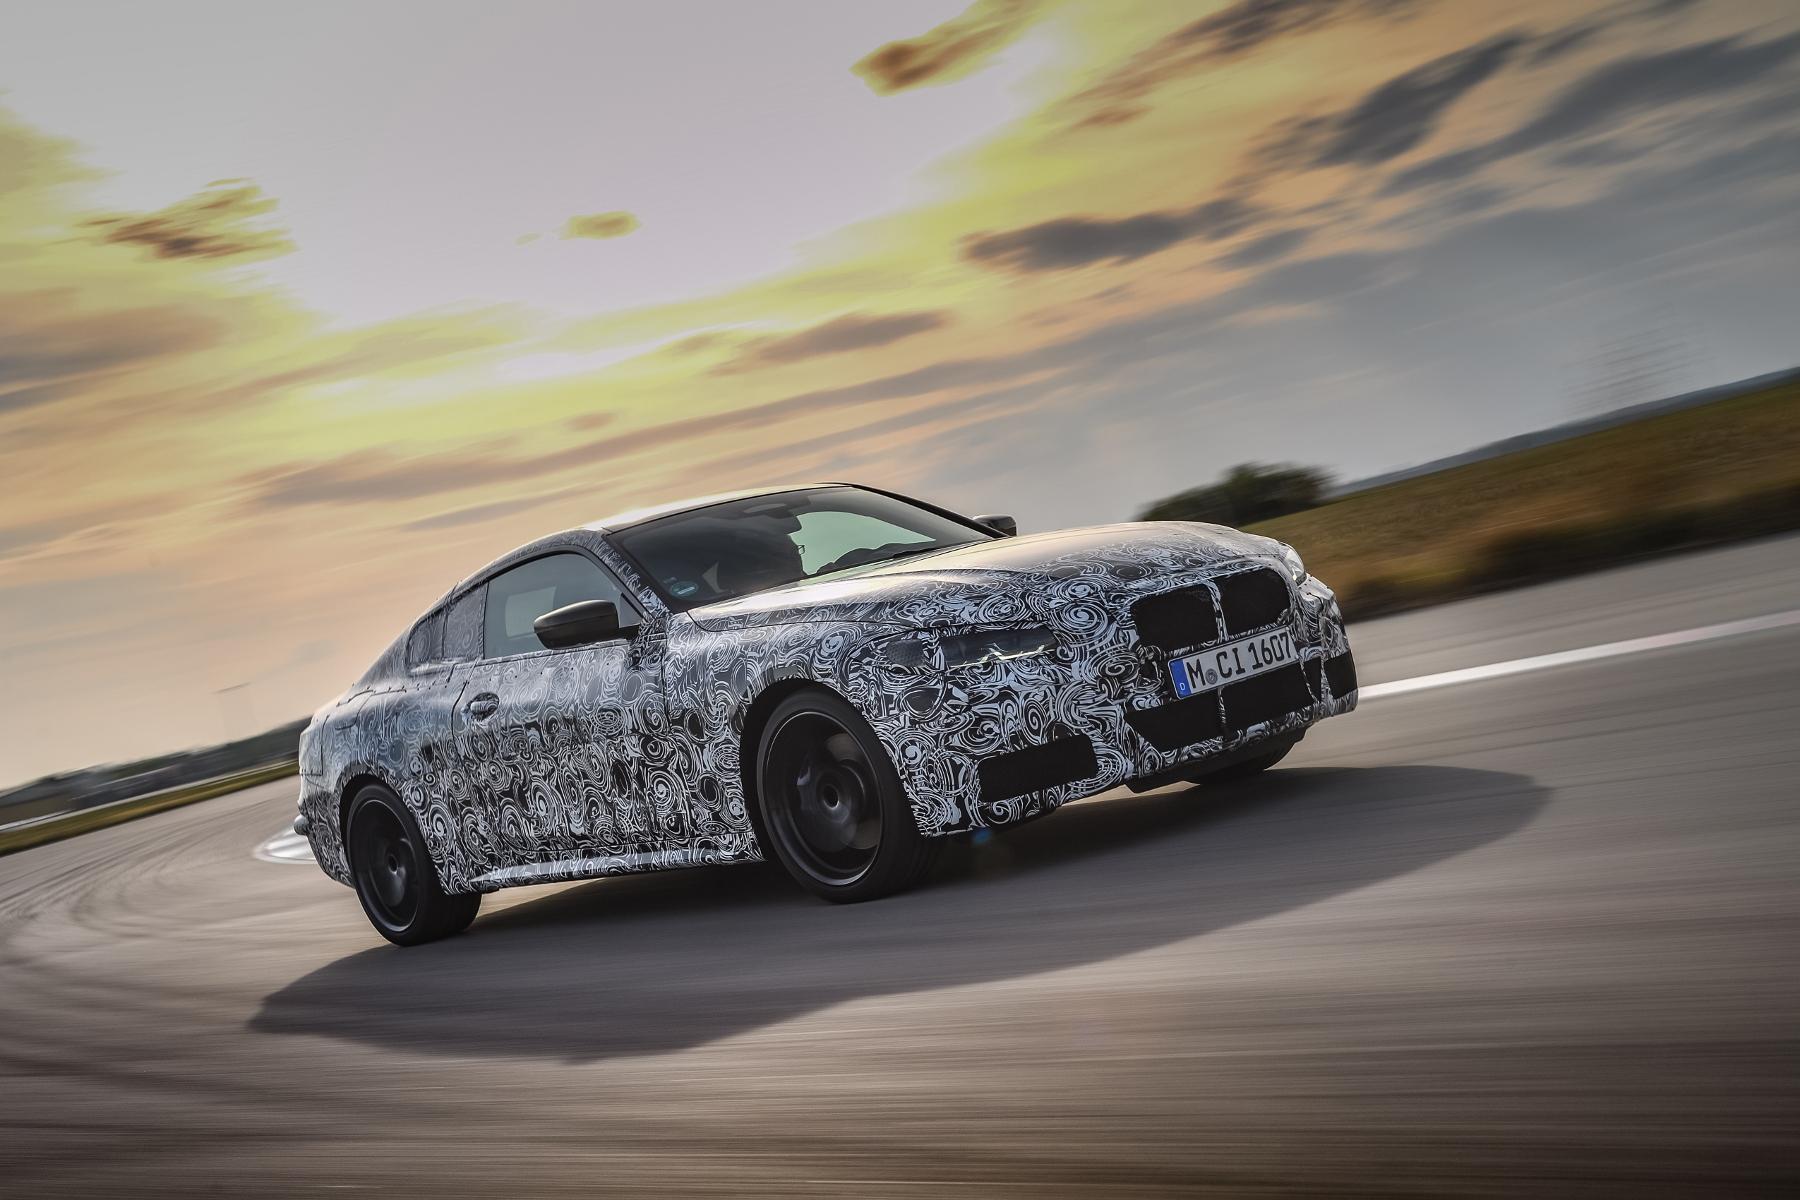 Nové BMW radu 4 Coupé dostane športovejší podvozok Lxkg0ZQjFV bmw-4-coupe-1